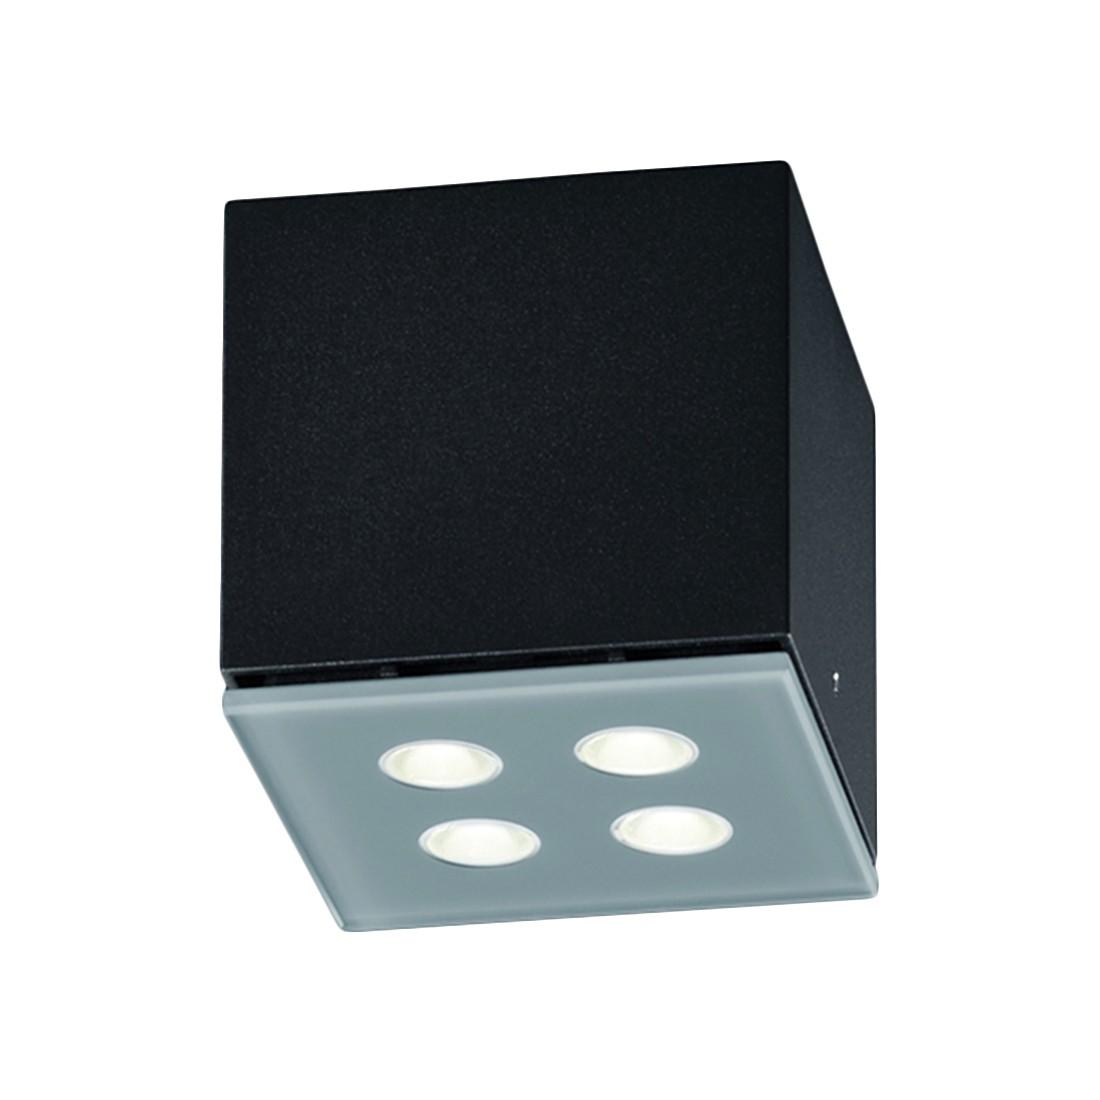 deckenleuchte river metall glas schwarz helestra a kaufen. Black Bedroom Furniture Sets. Home Design Ideas